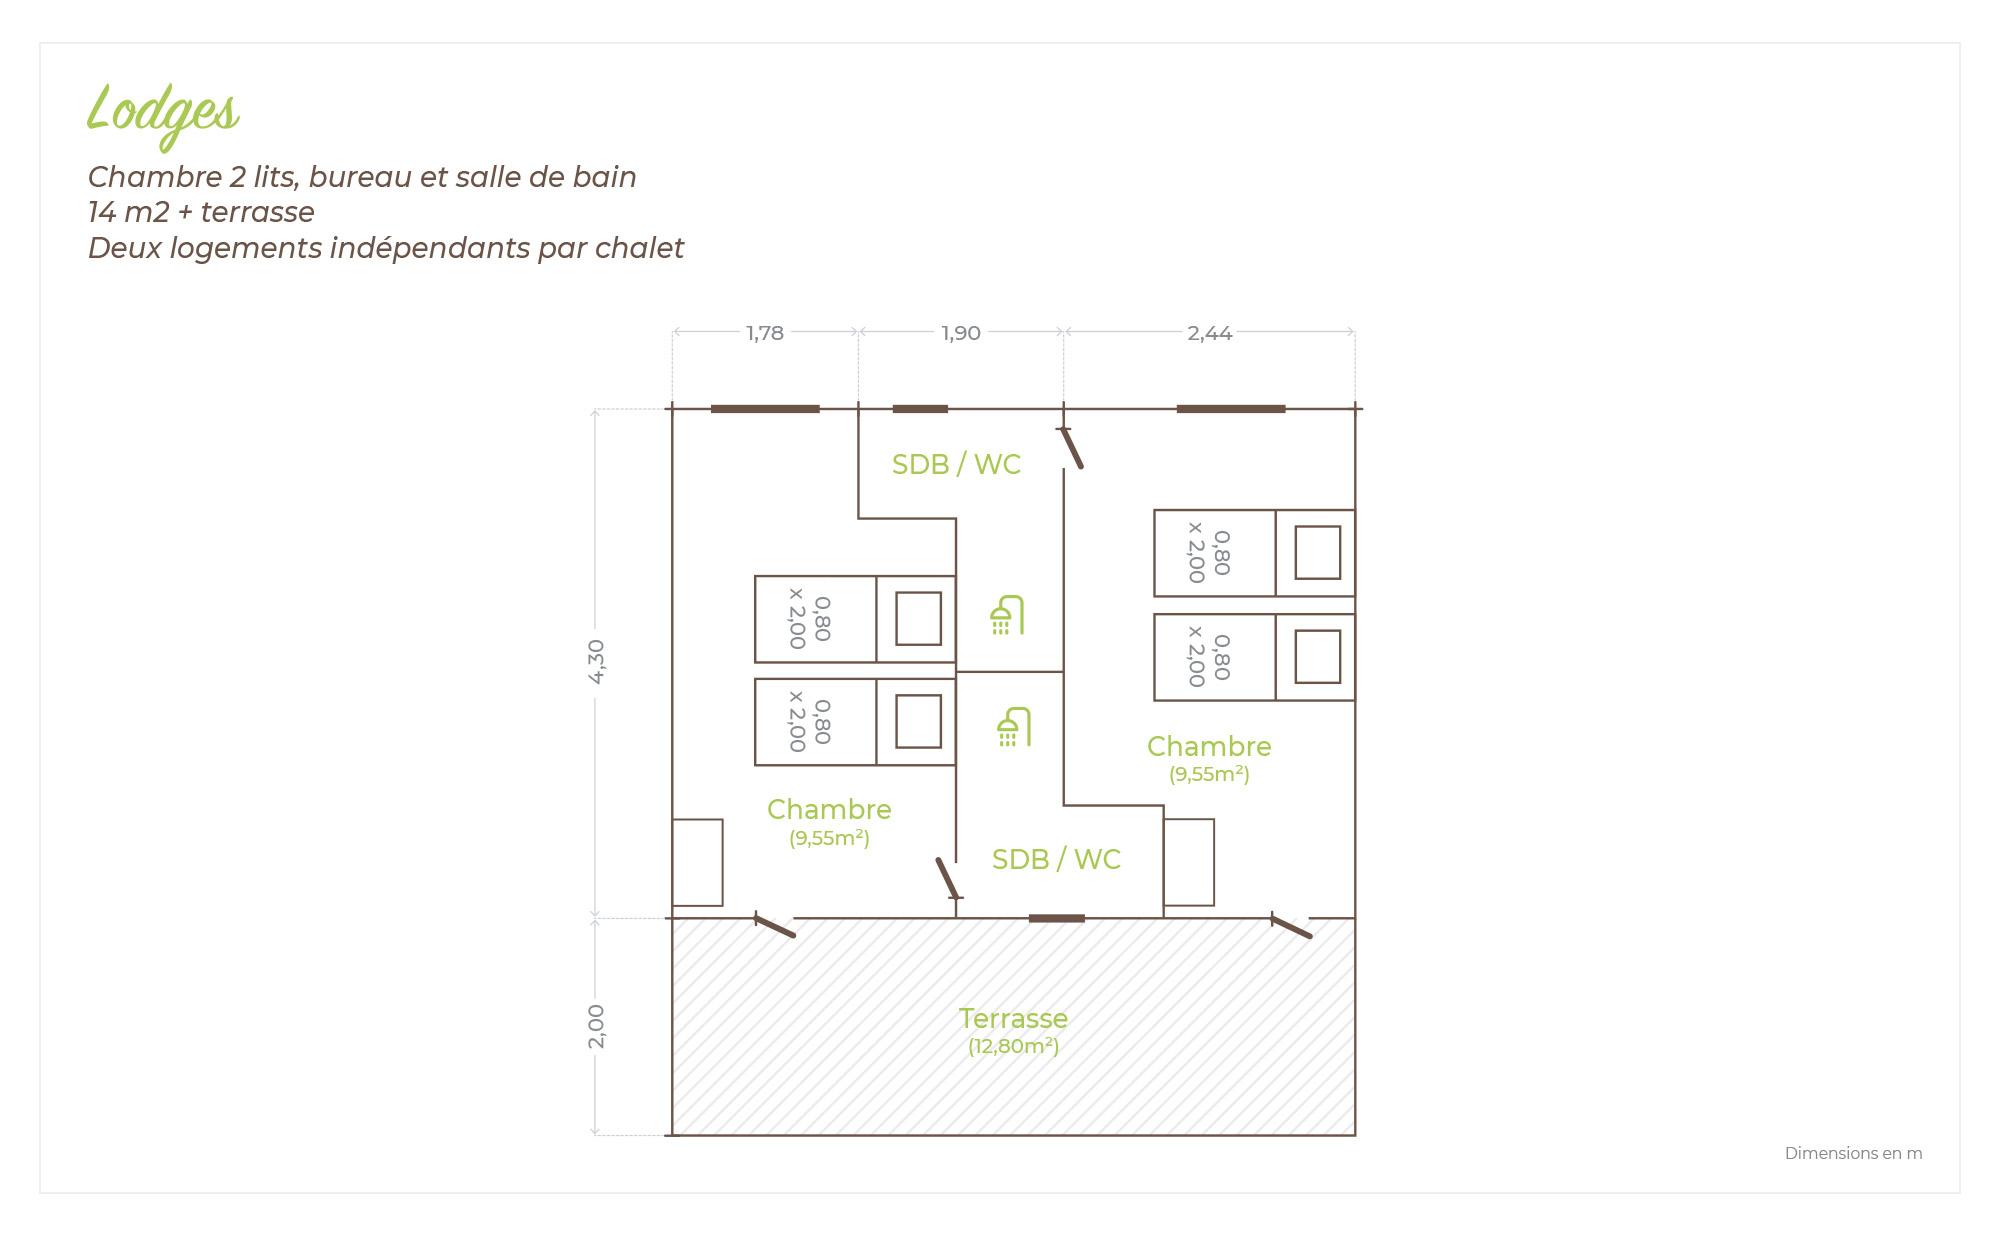 Le Plan des Lodges